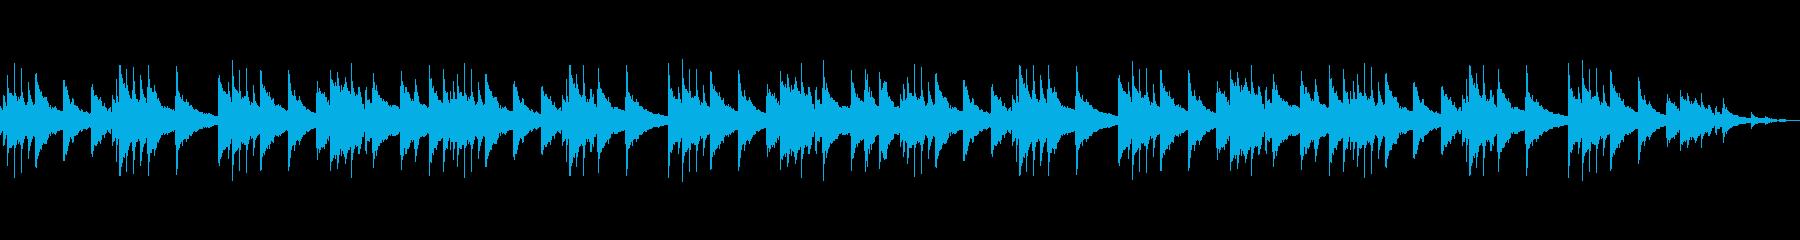 ピアノが主旋律の綺麗なBGM。の再生済みの波形